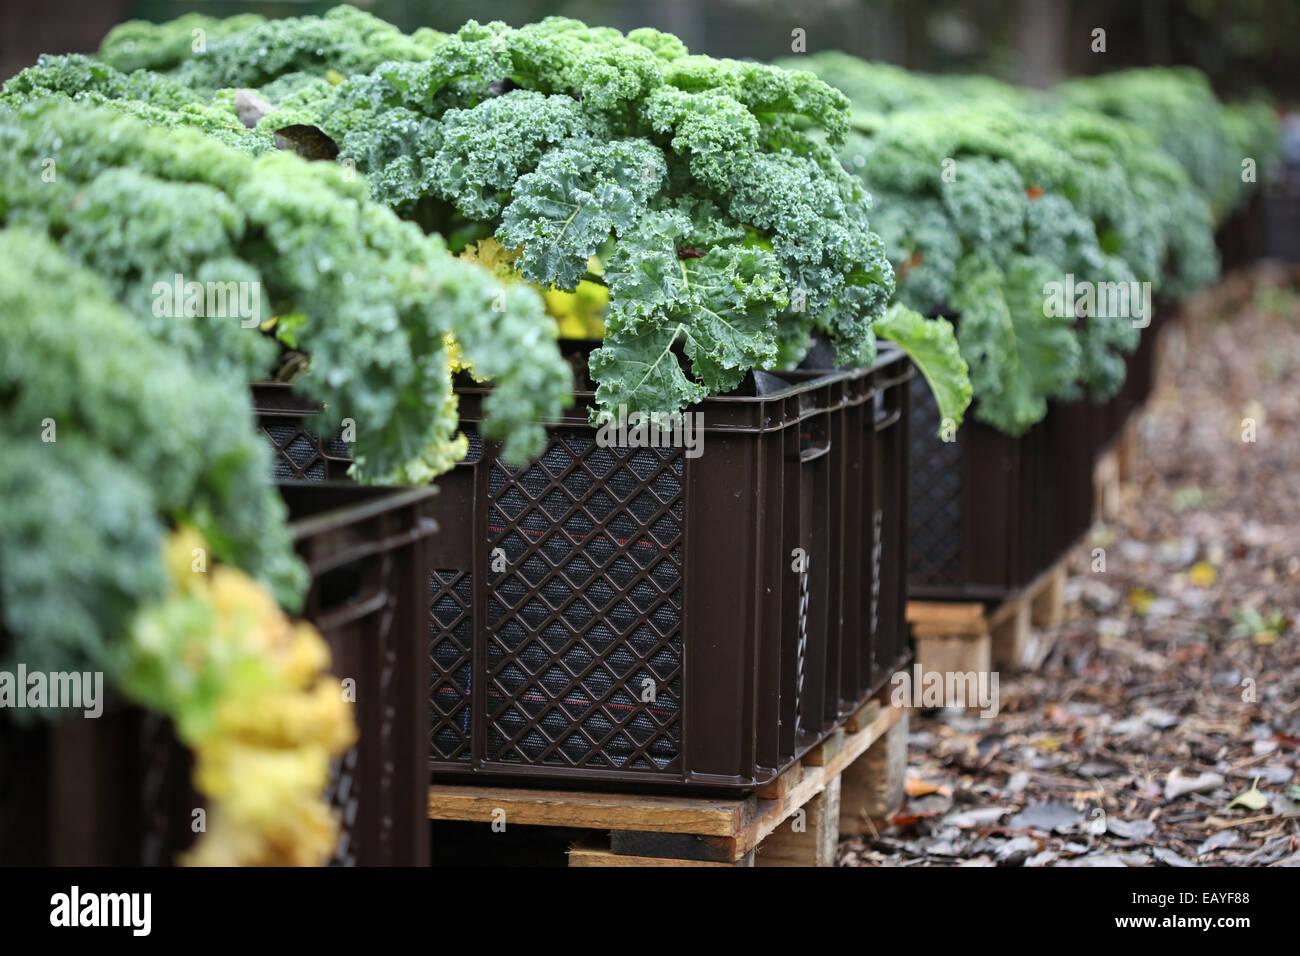 Close-up de la col rizada salmón en planta de cajas en un proyecto de horticultura urbana en Alemania Foto de stock